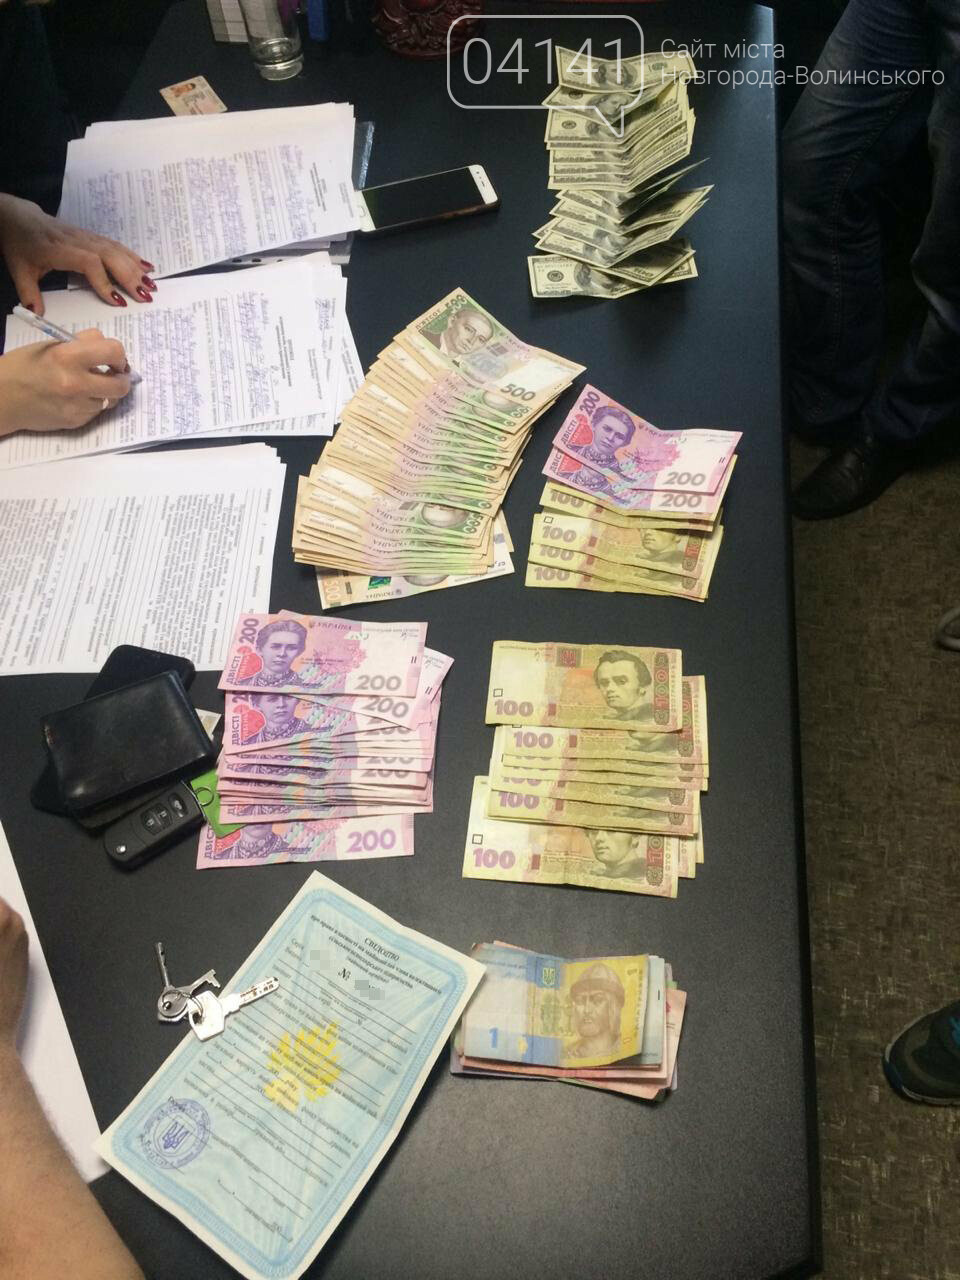 СБУ викрила на хабарі у вісімдесят тисяч гривень посадовця на Житомирщині, фото-3